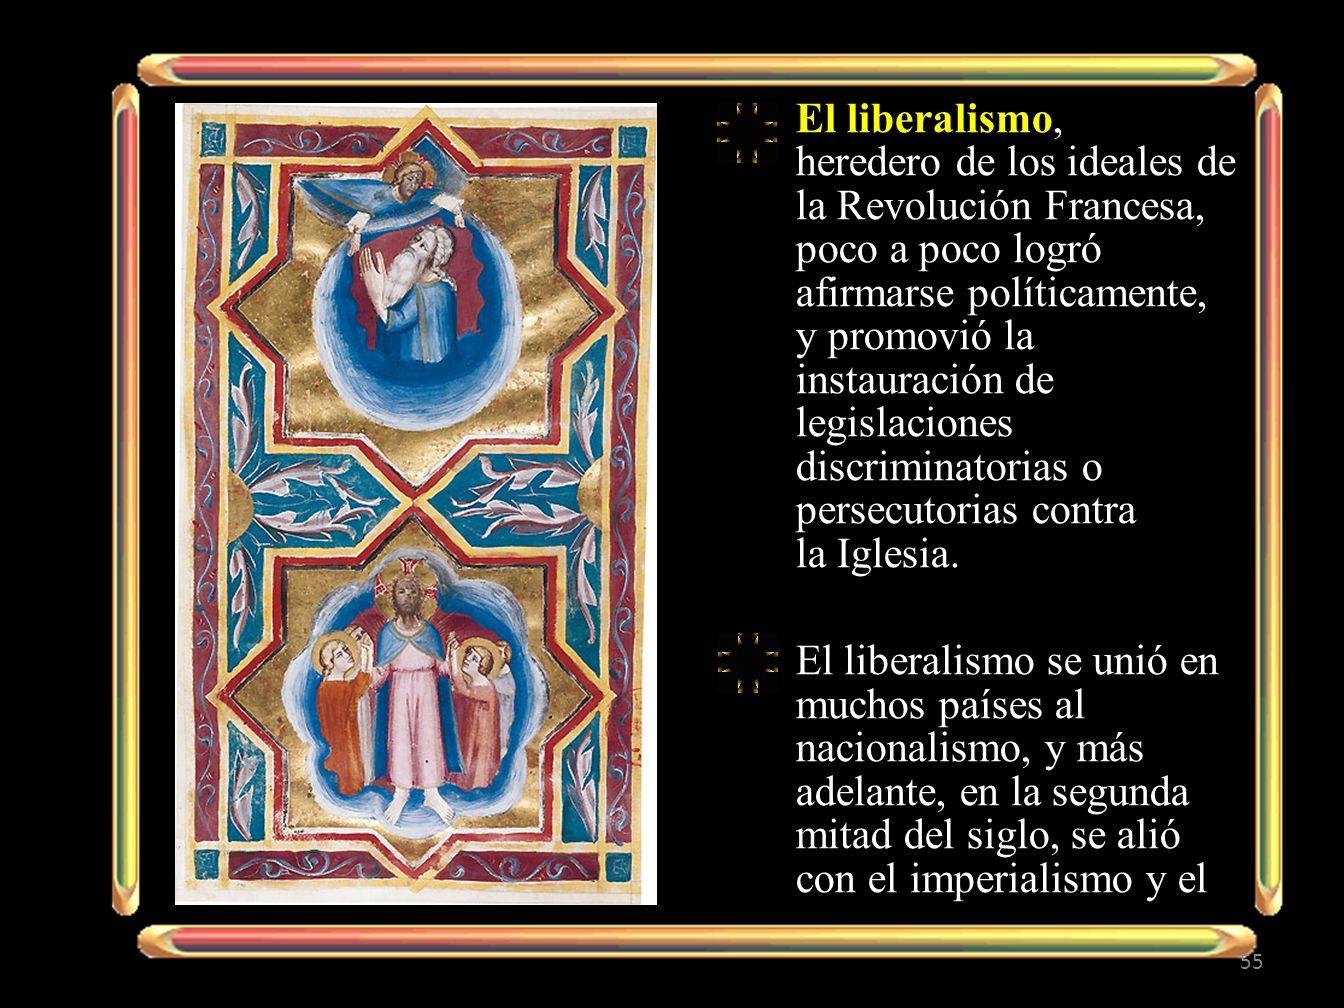 El liberalismo, heredero de los ideales de la Revolución Francesa, poco a poco logró afirmarse políticamente, y promovió la instauración de legislacio